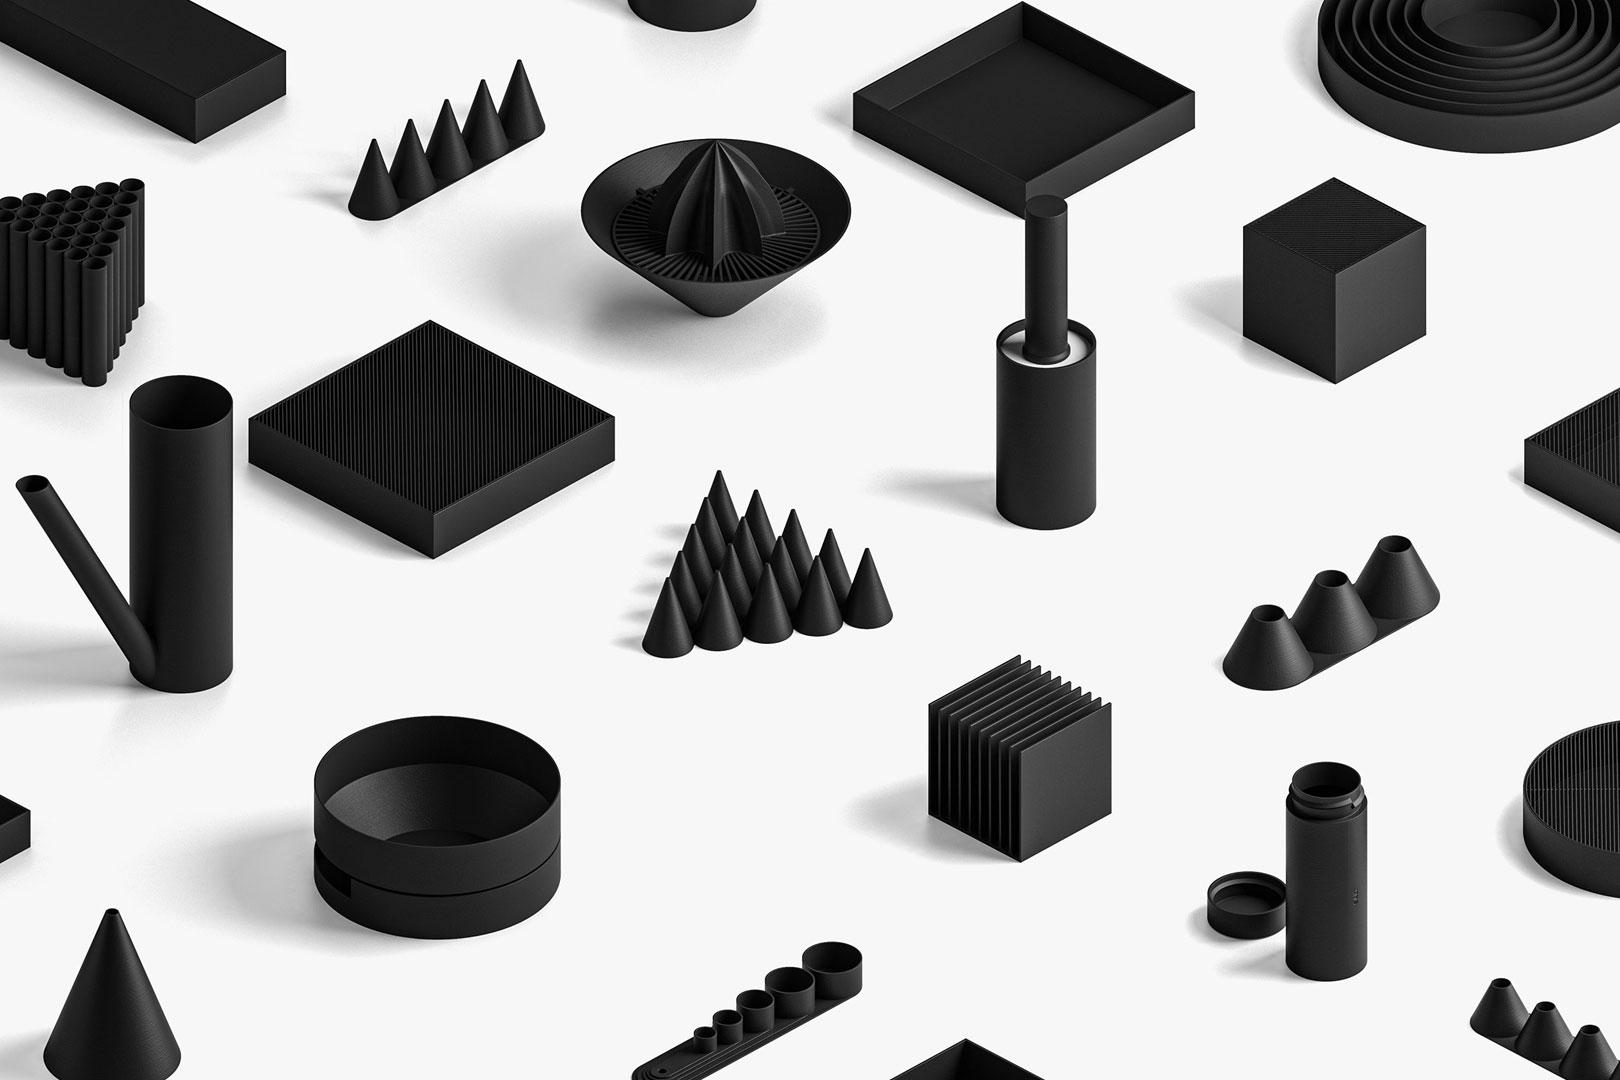 The Future is now - Dekoration aus dem 3D-Drucker von Boem Studio